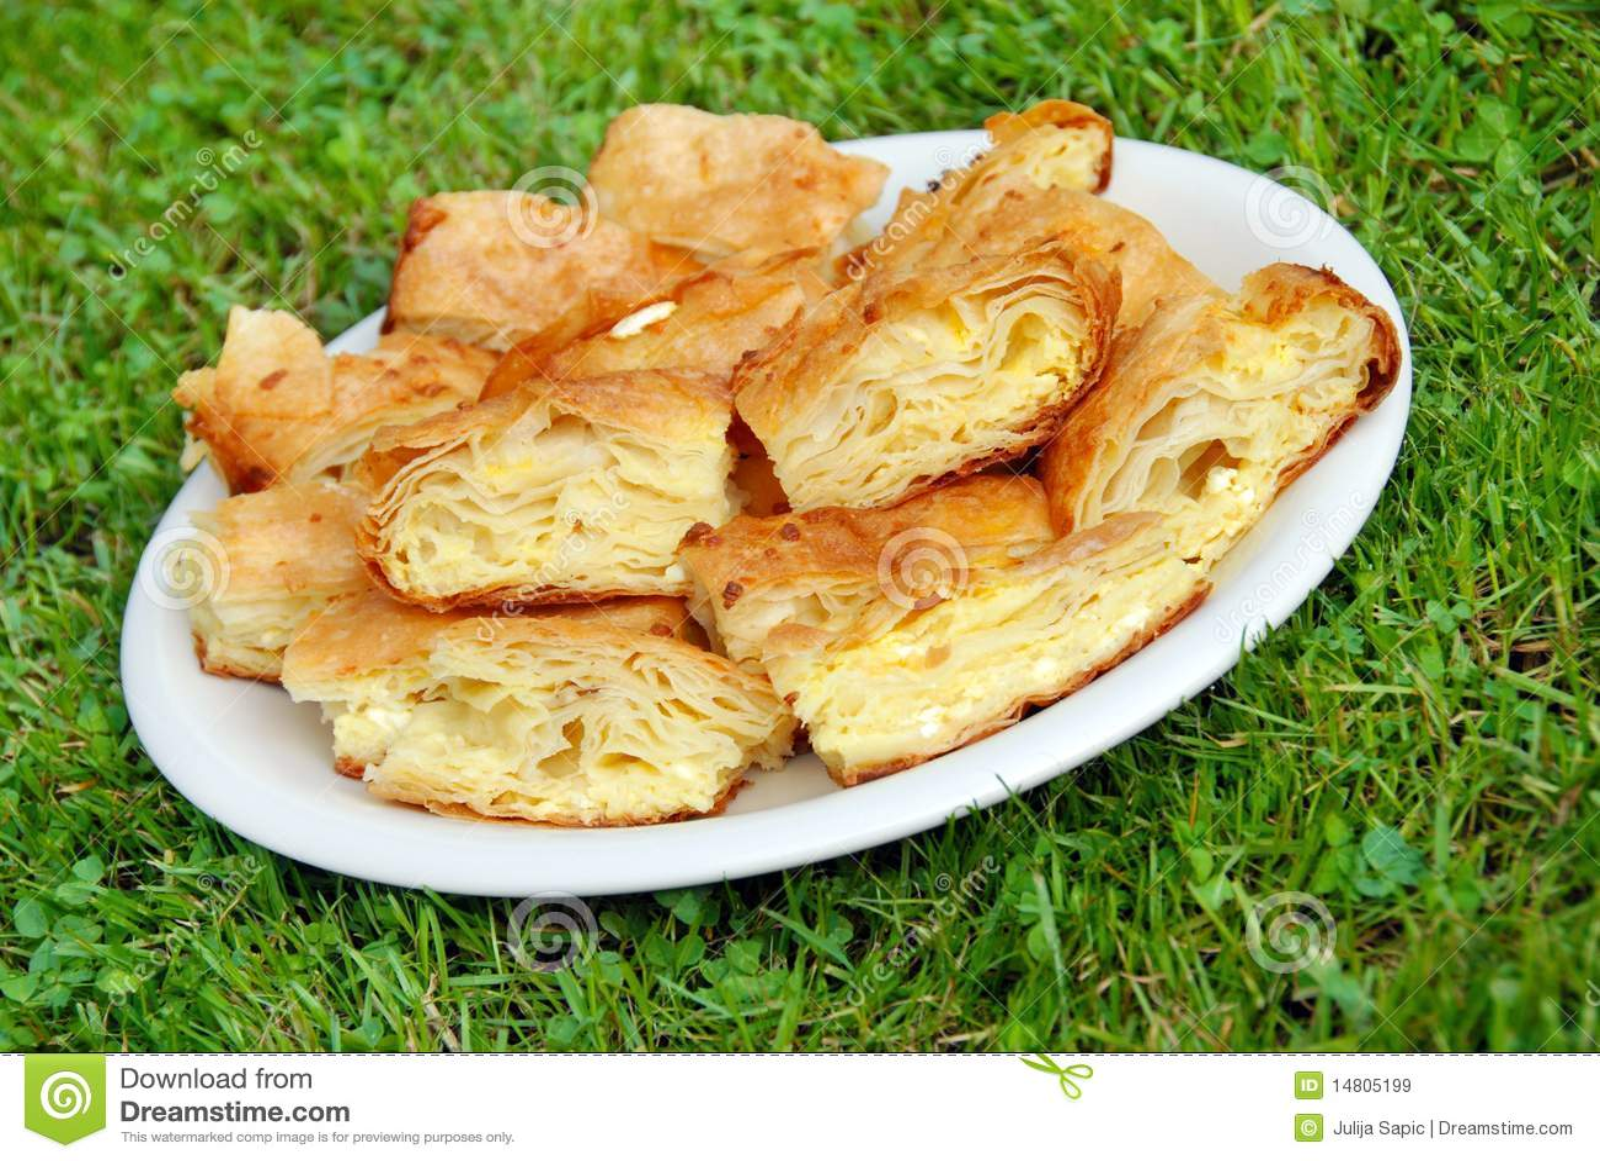 Smakelijke eigengemaakte pastei